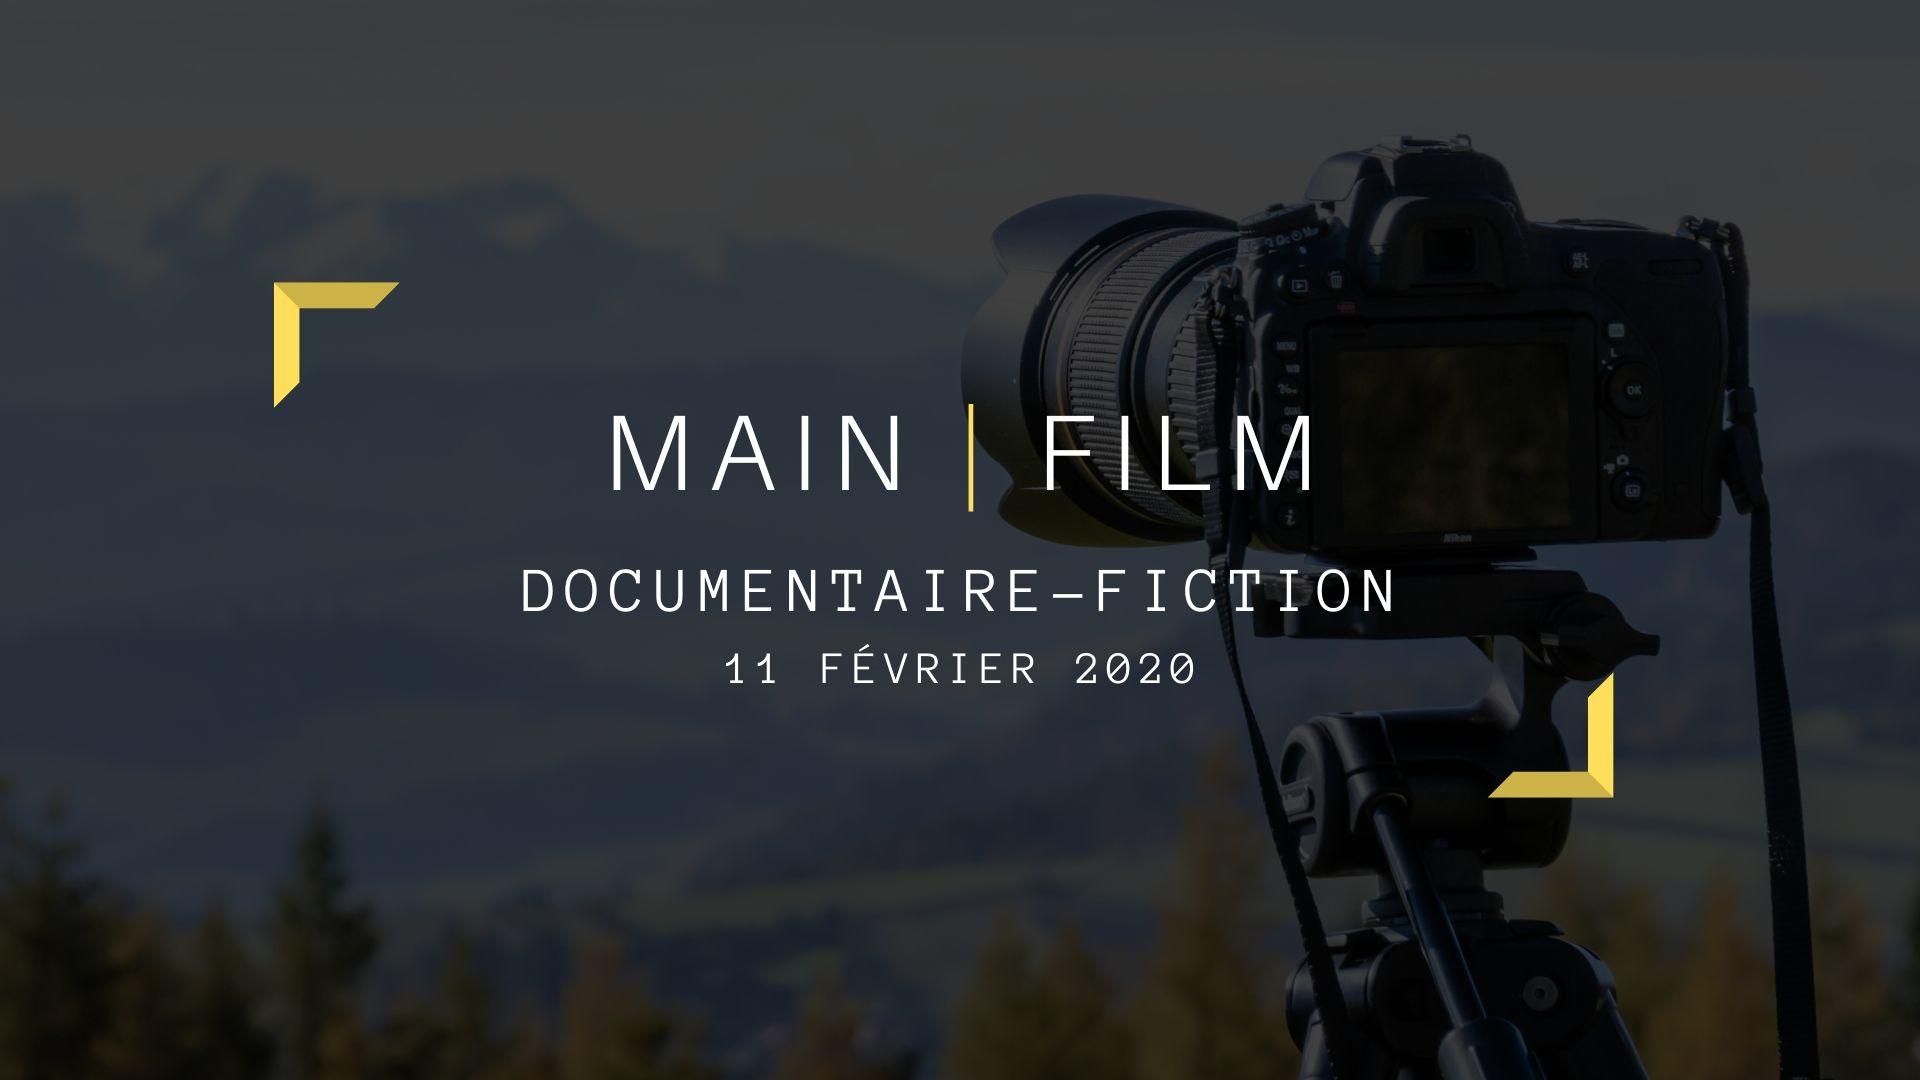 Le documentaire-fiction